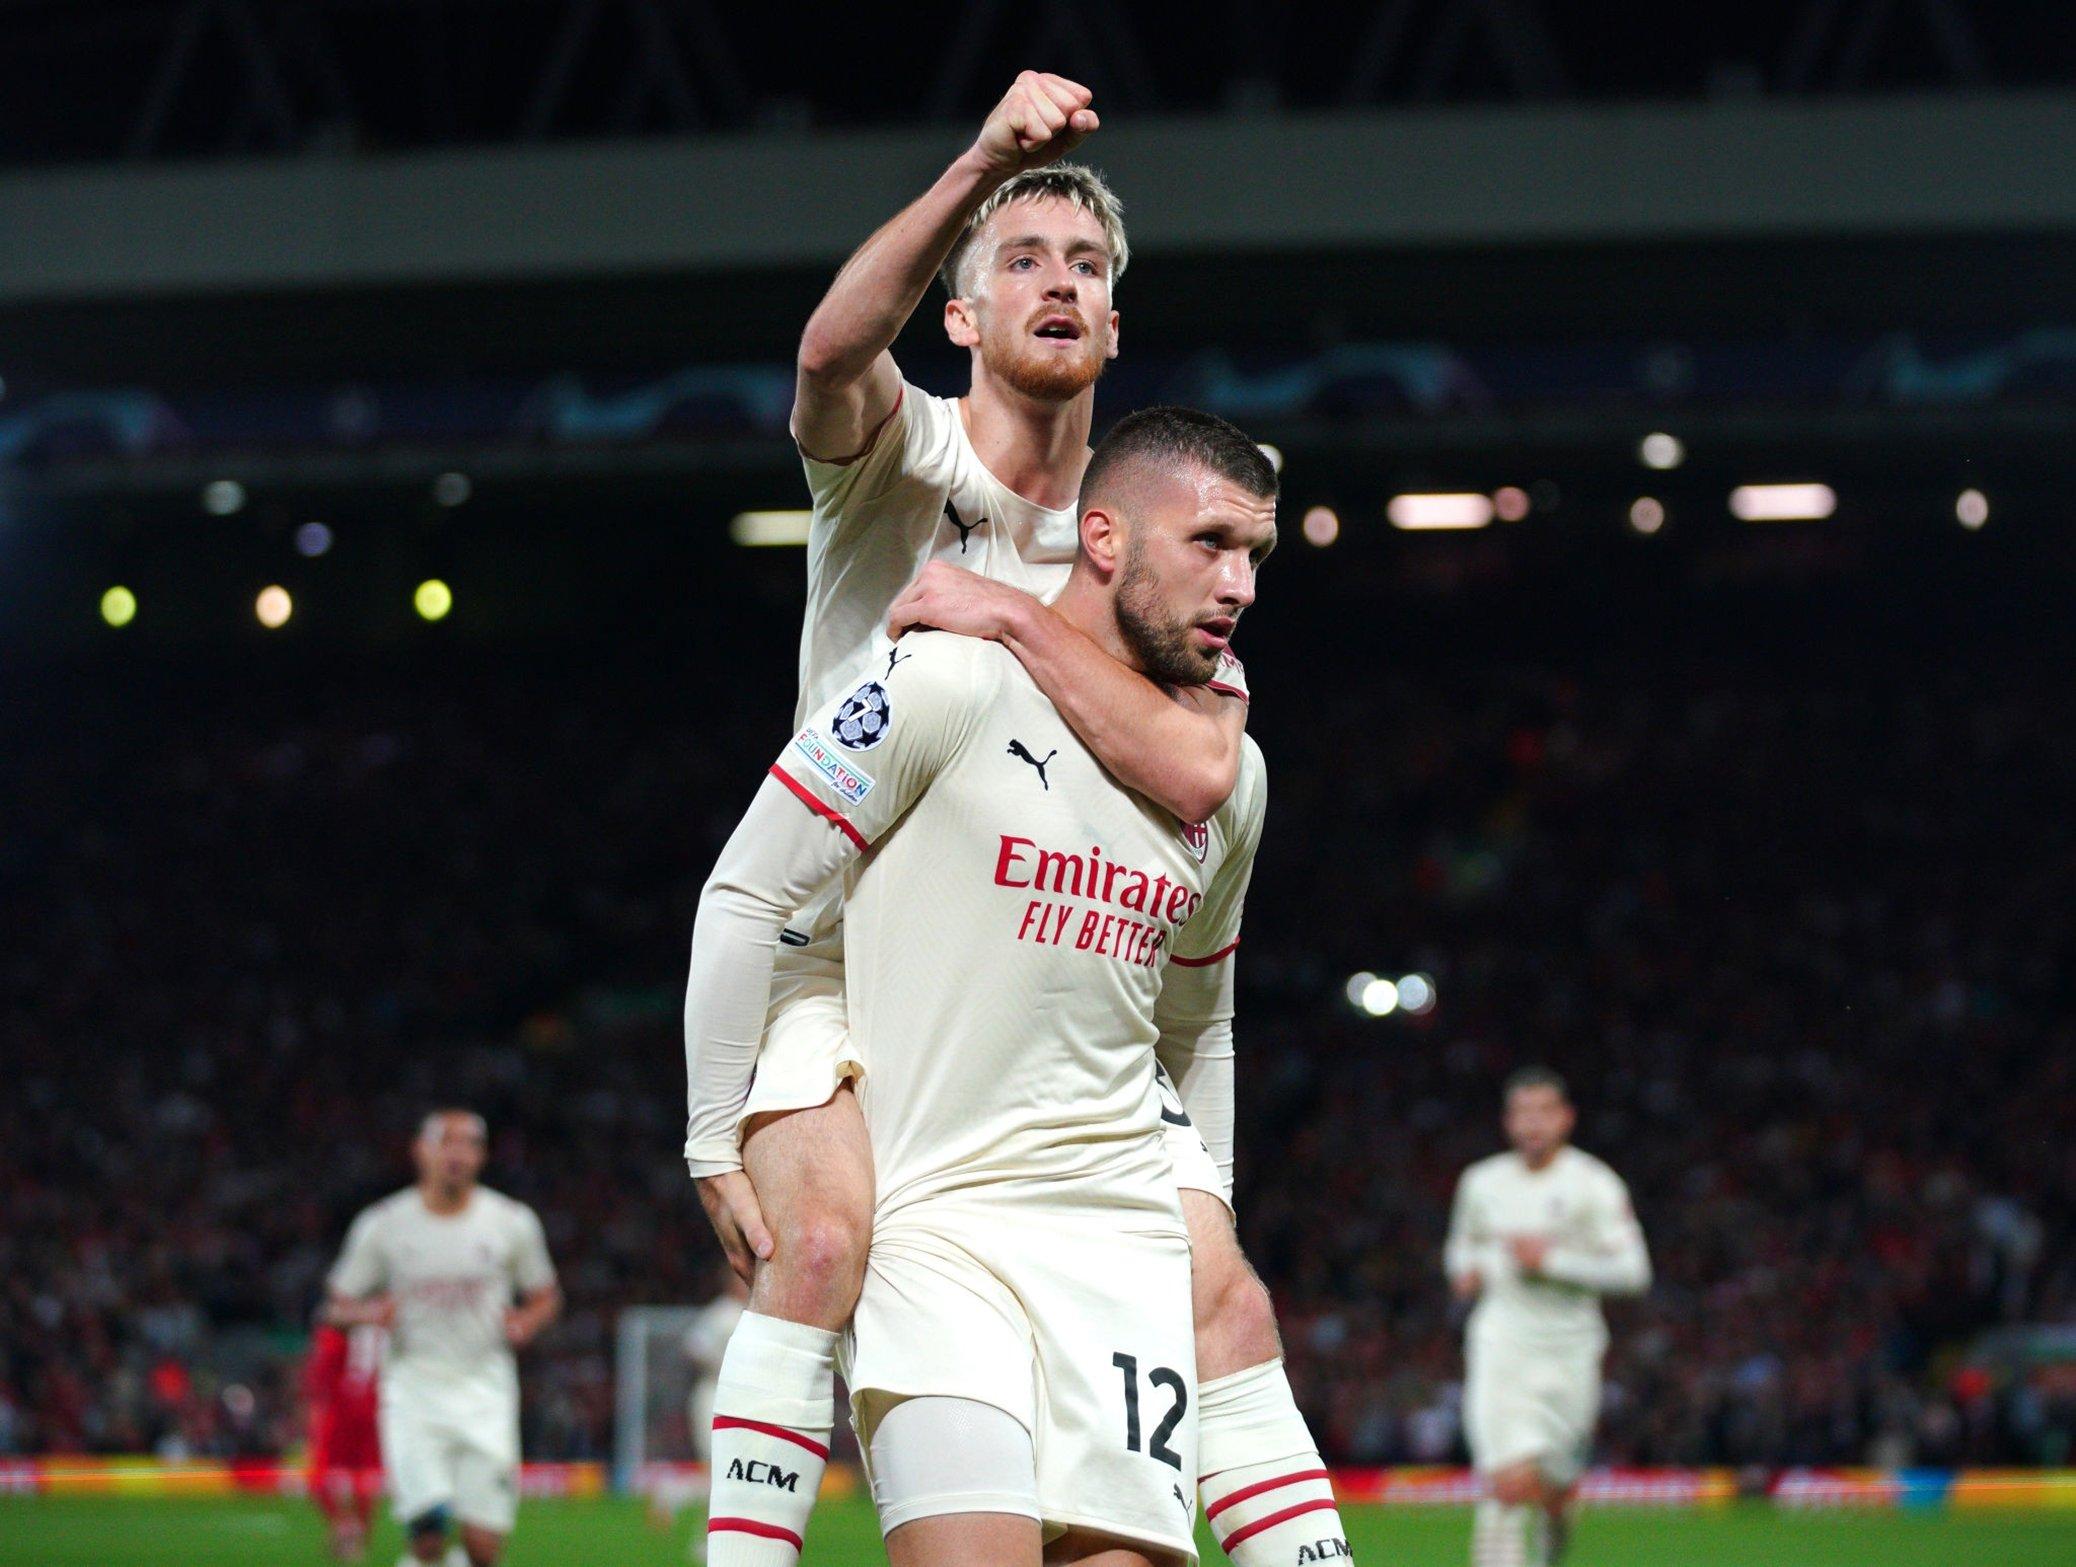 Celebrating Milan's first goal